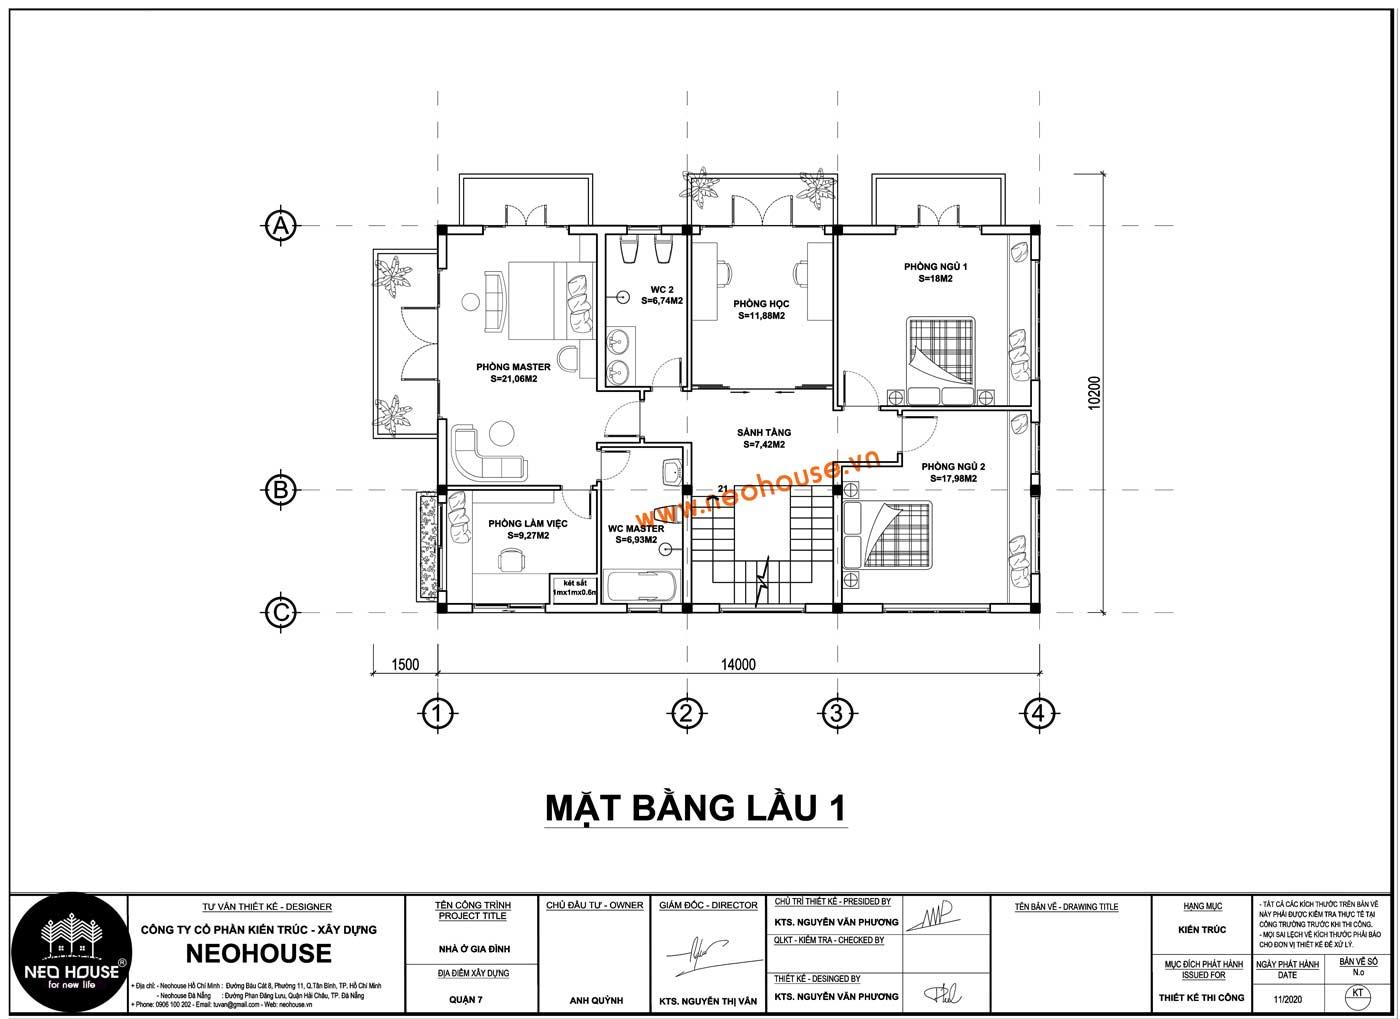 Mặt bằng lầu 1 biệt thự mái thái 2 tầng